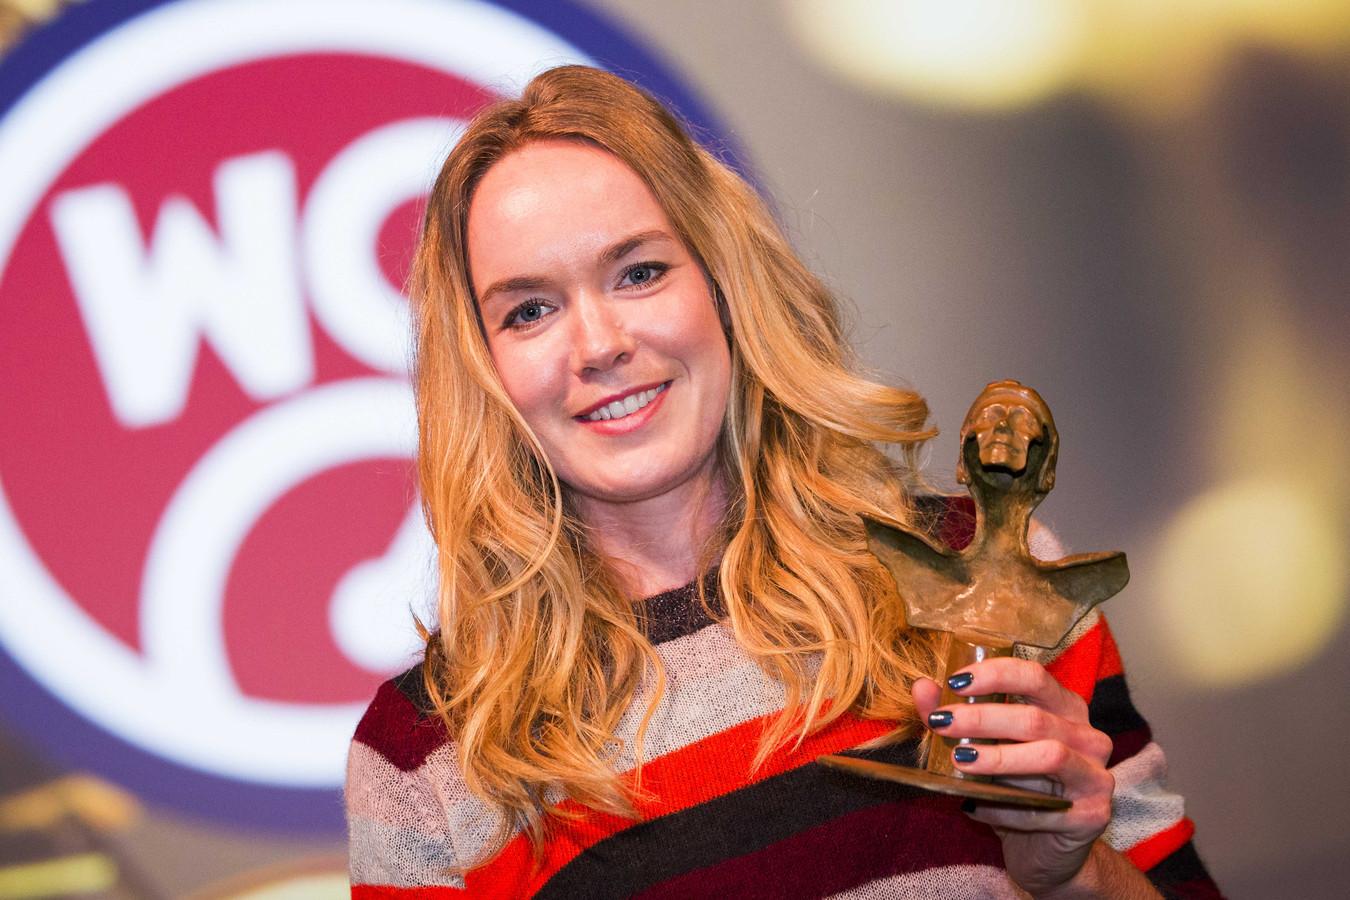 2018-12-03 21:58:34 DEN BOSCH - Anna van der Breggen is uitgeroepen tot wielrenster van het jaar tijdens het Wielergala in De Maaspoort. ANP VINCENT JANNINK